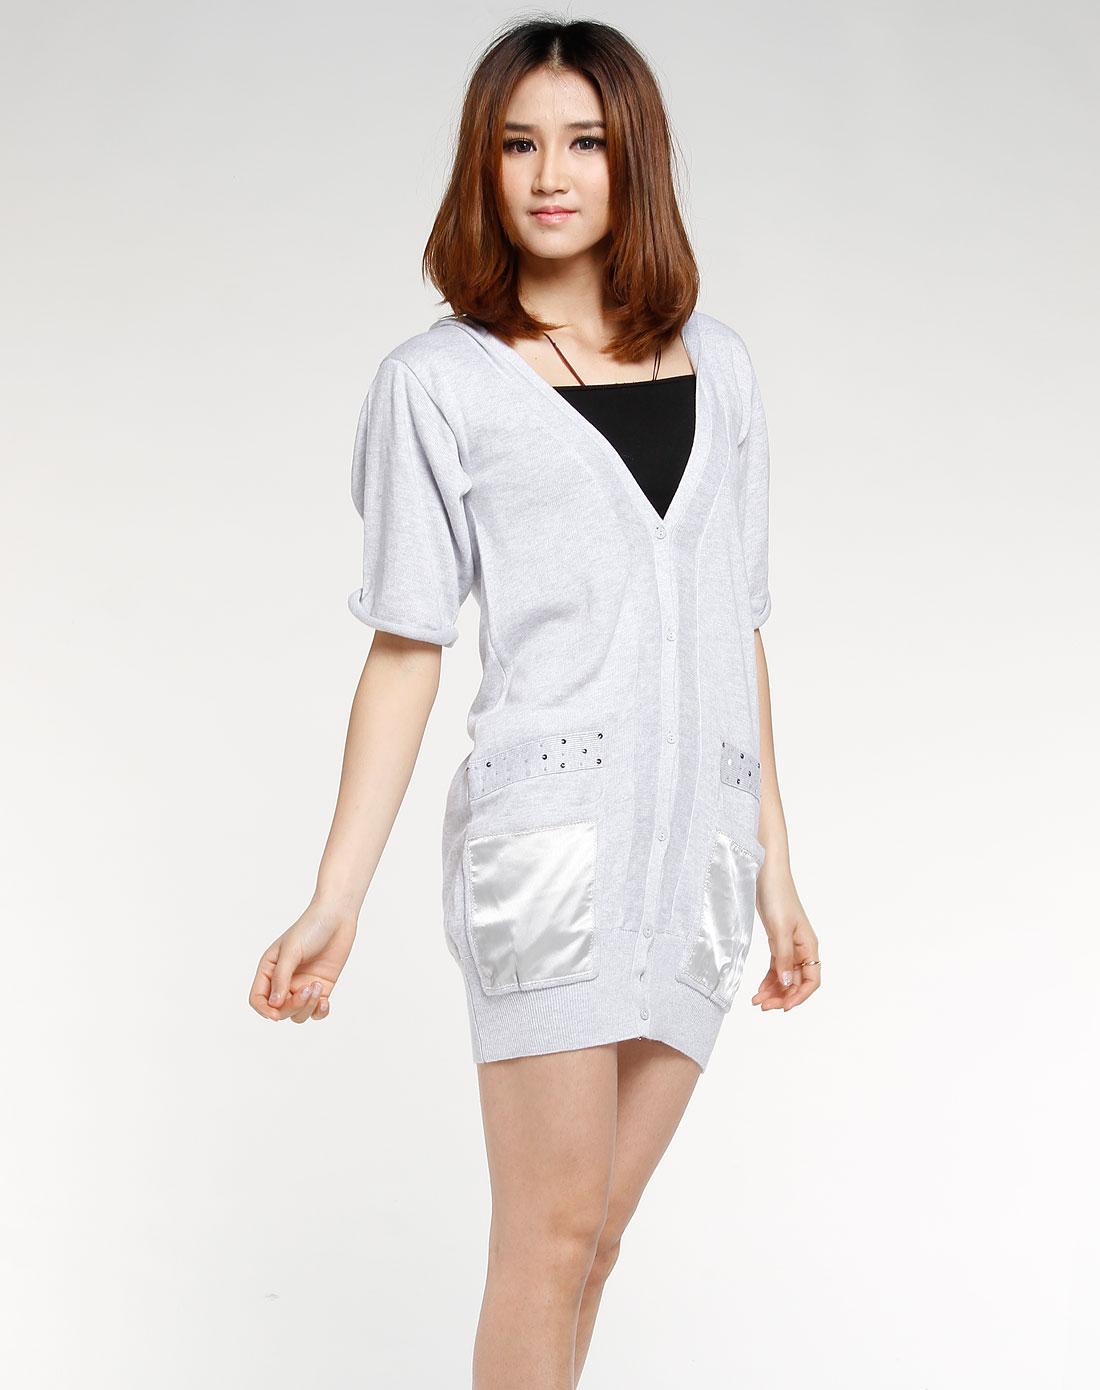 播�_播broadcast女装专场-灰色短袖连帽时尚上衣